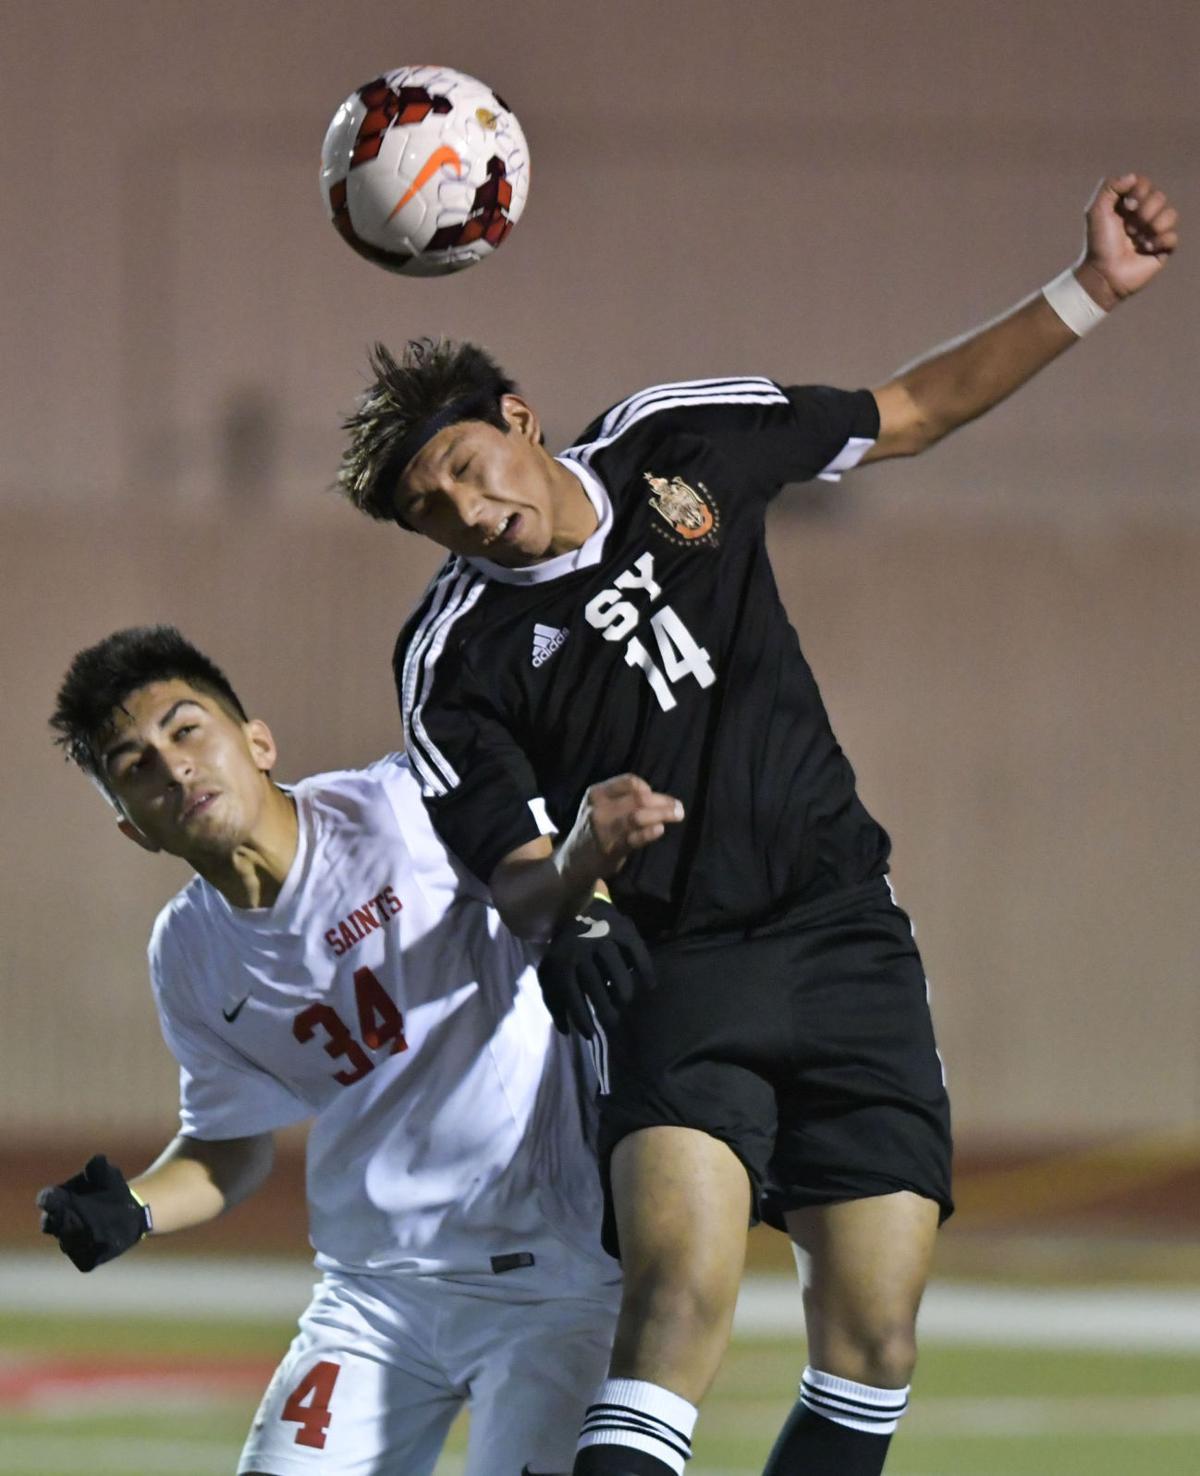 011118 SY SM b soccer 02.jpg